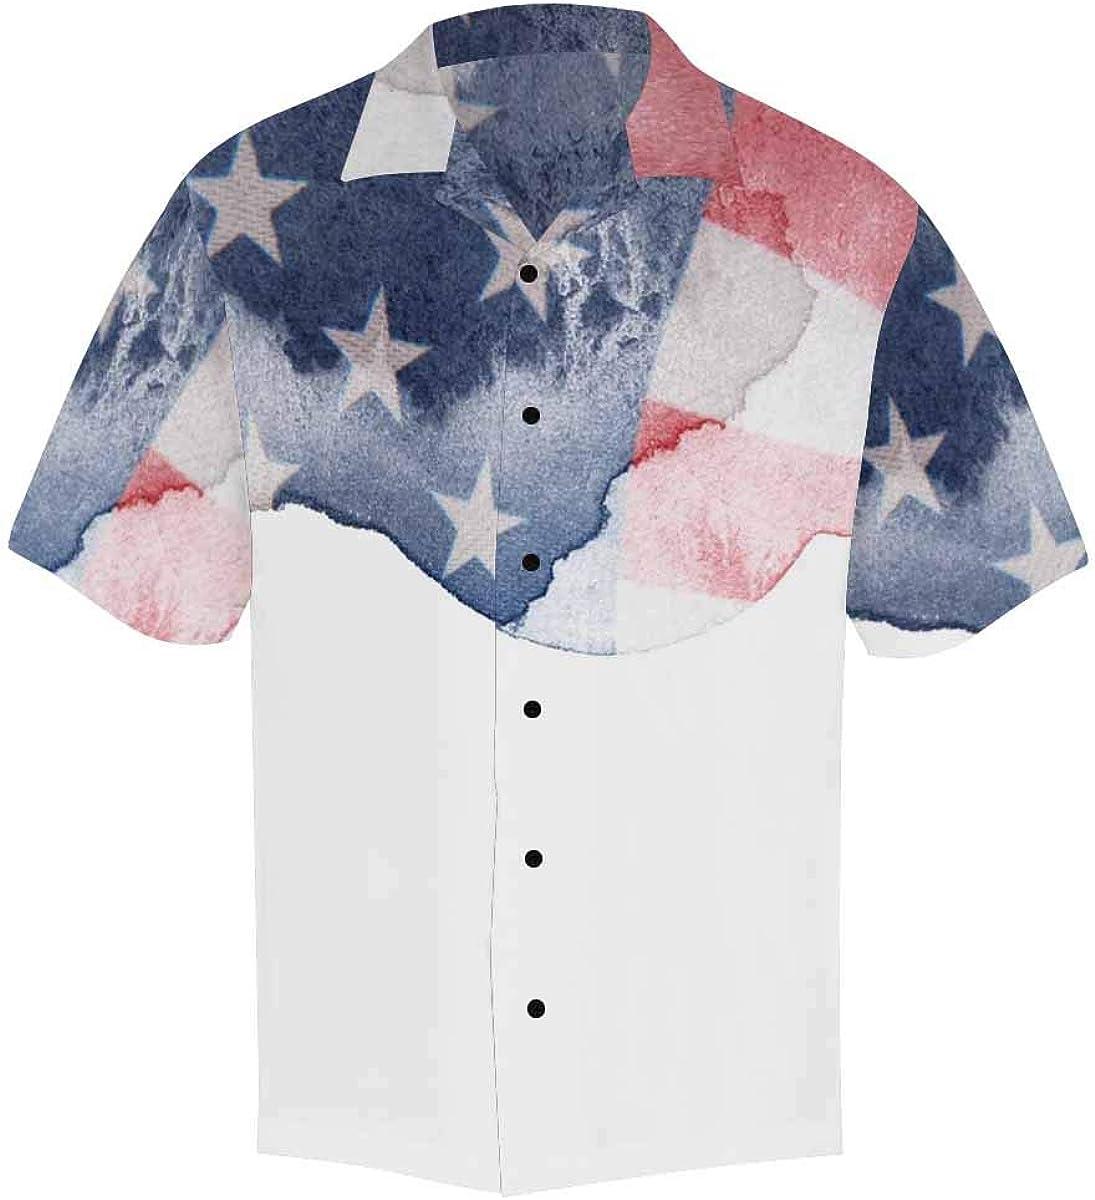 InterestPrint Men's Casual Button Down Short Sleeve Grunge USA American Flag Hawaiian Shirt (S-5XL)